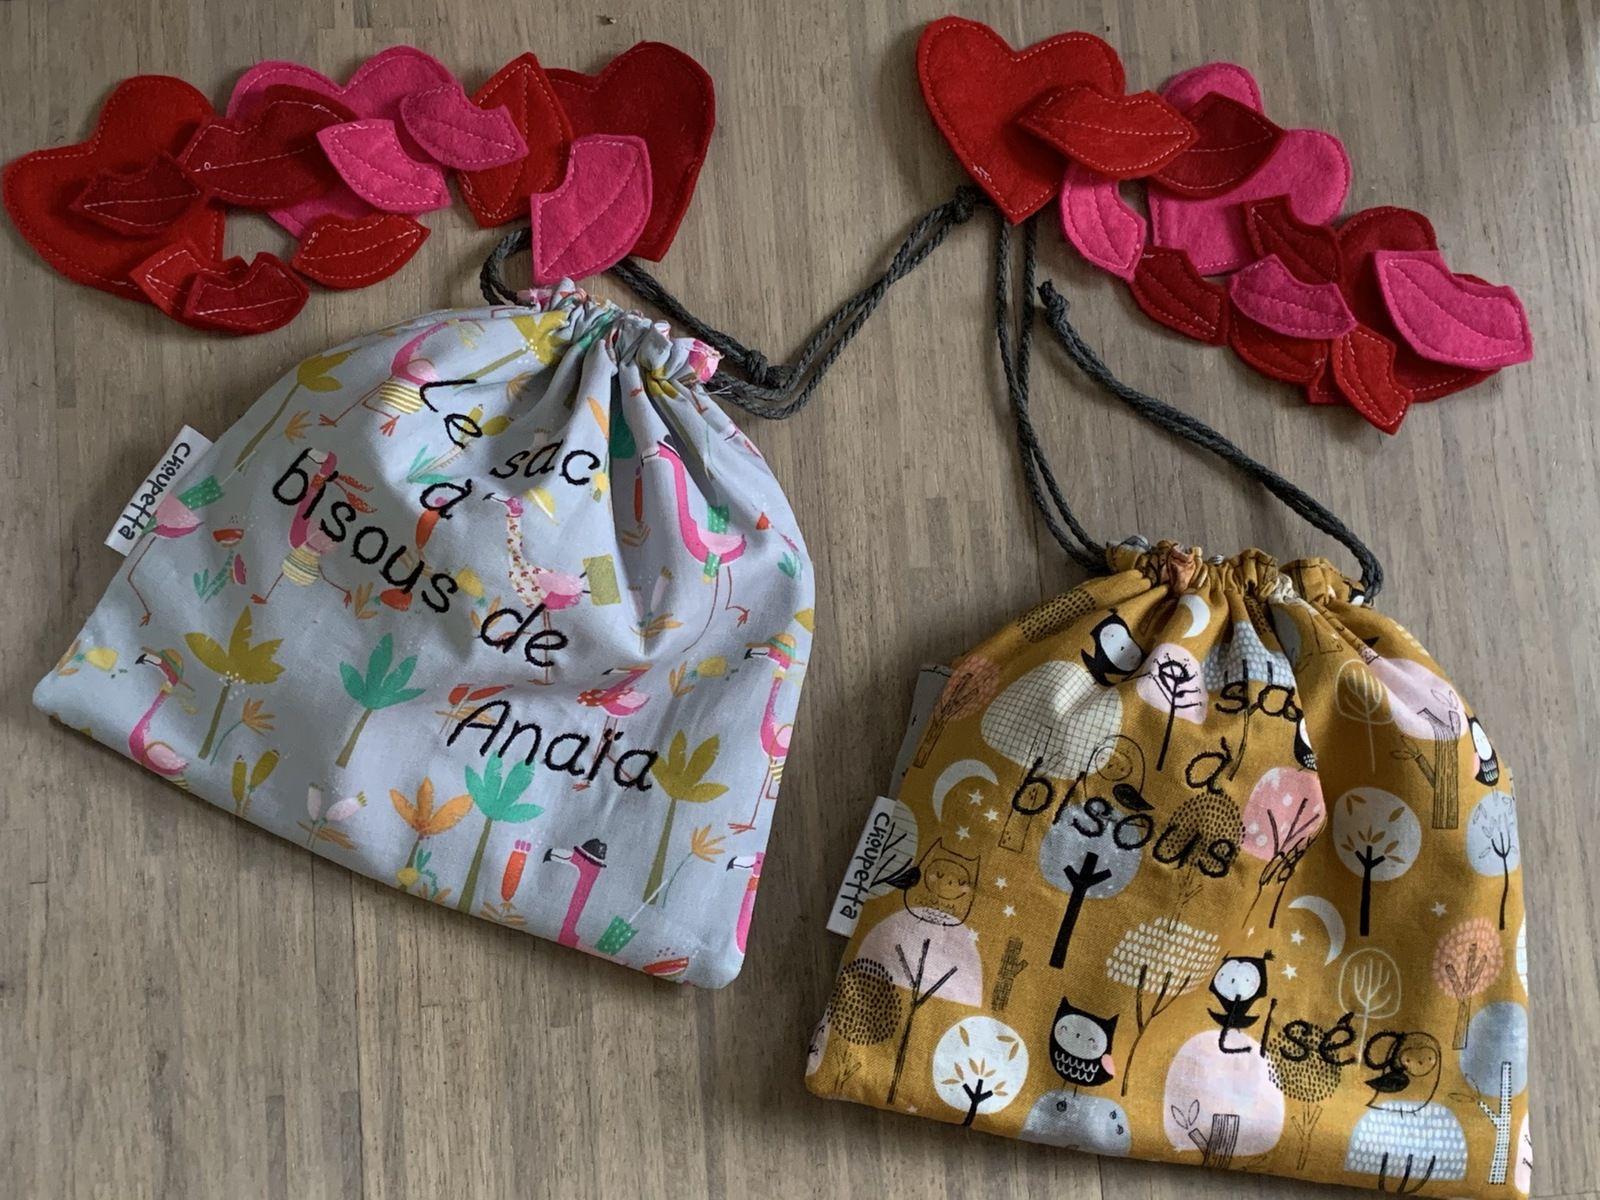 Les sacs à bisous de Liséa et d'Anaïa